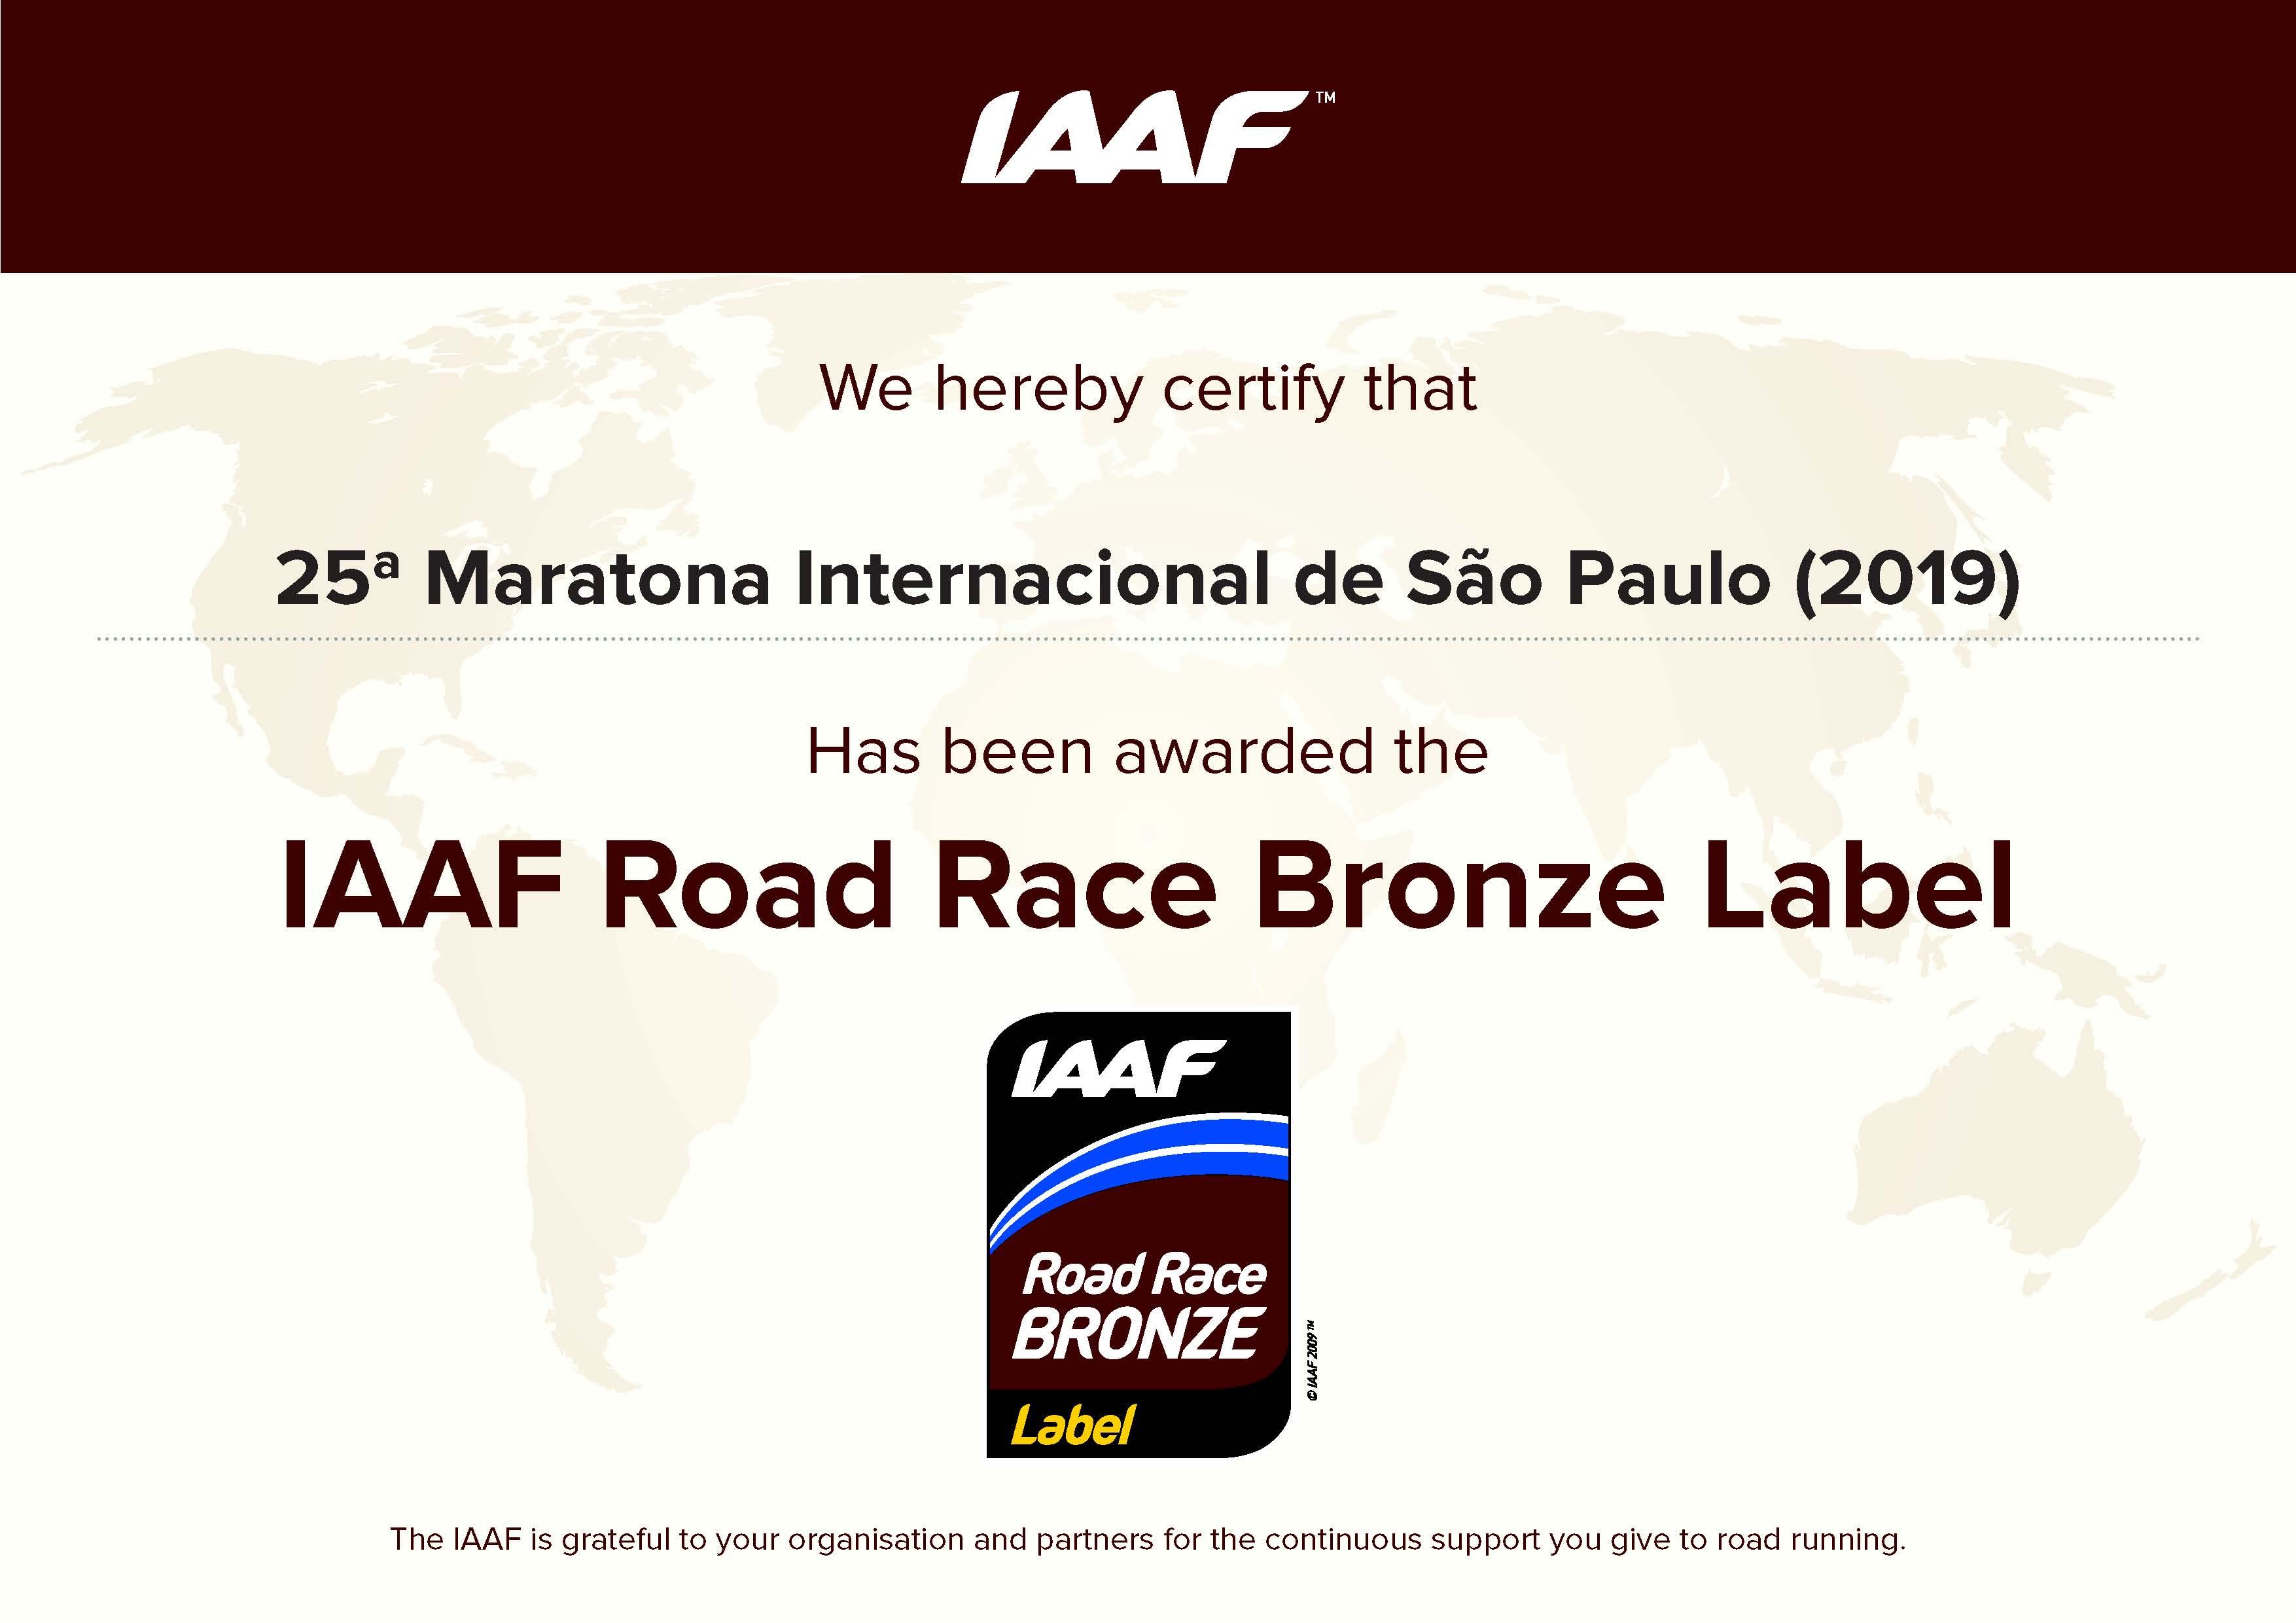 Brasil recebe 1ª Prova Bronze IAAF e Maratona   de São Paulo 2019 eleva seu status